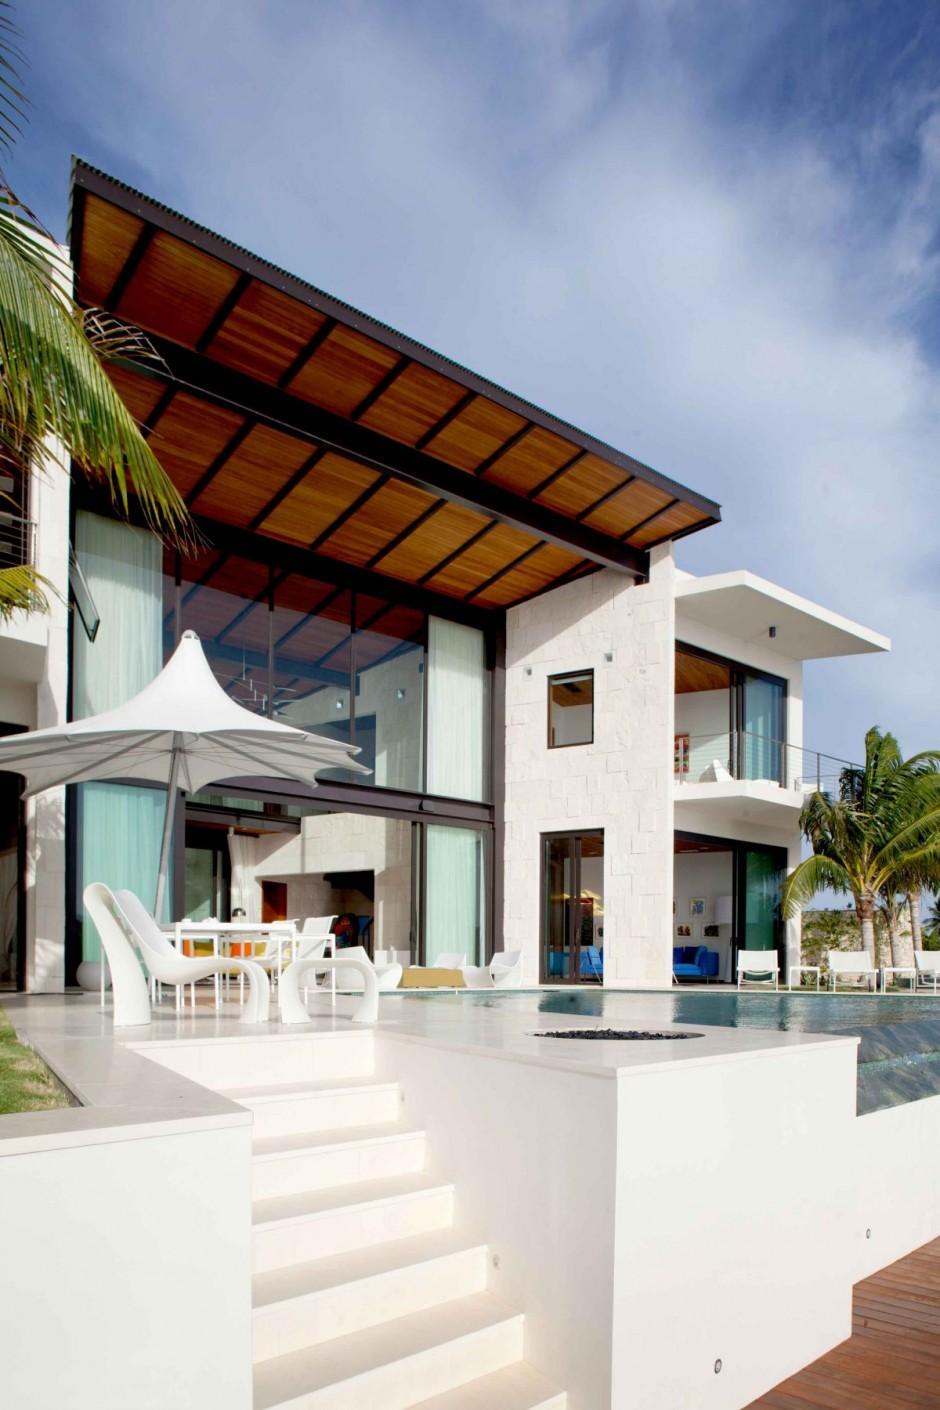 Amazing modern home, Netherlands: Most Beautiful Houses in ... on Amazing Modern Houses  id=31196